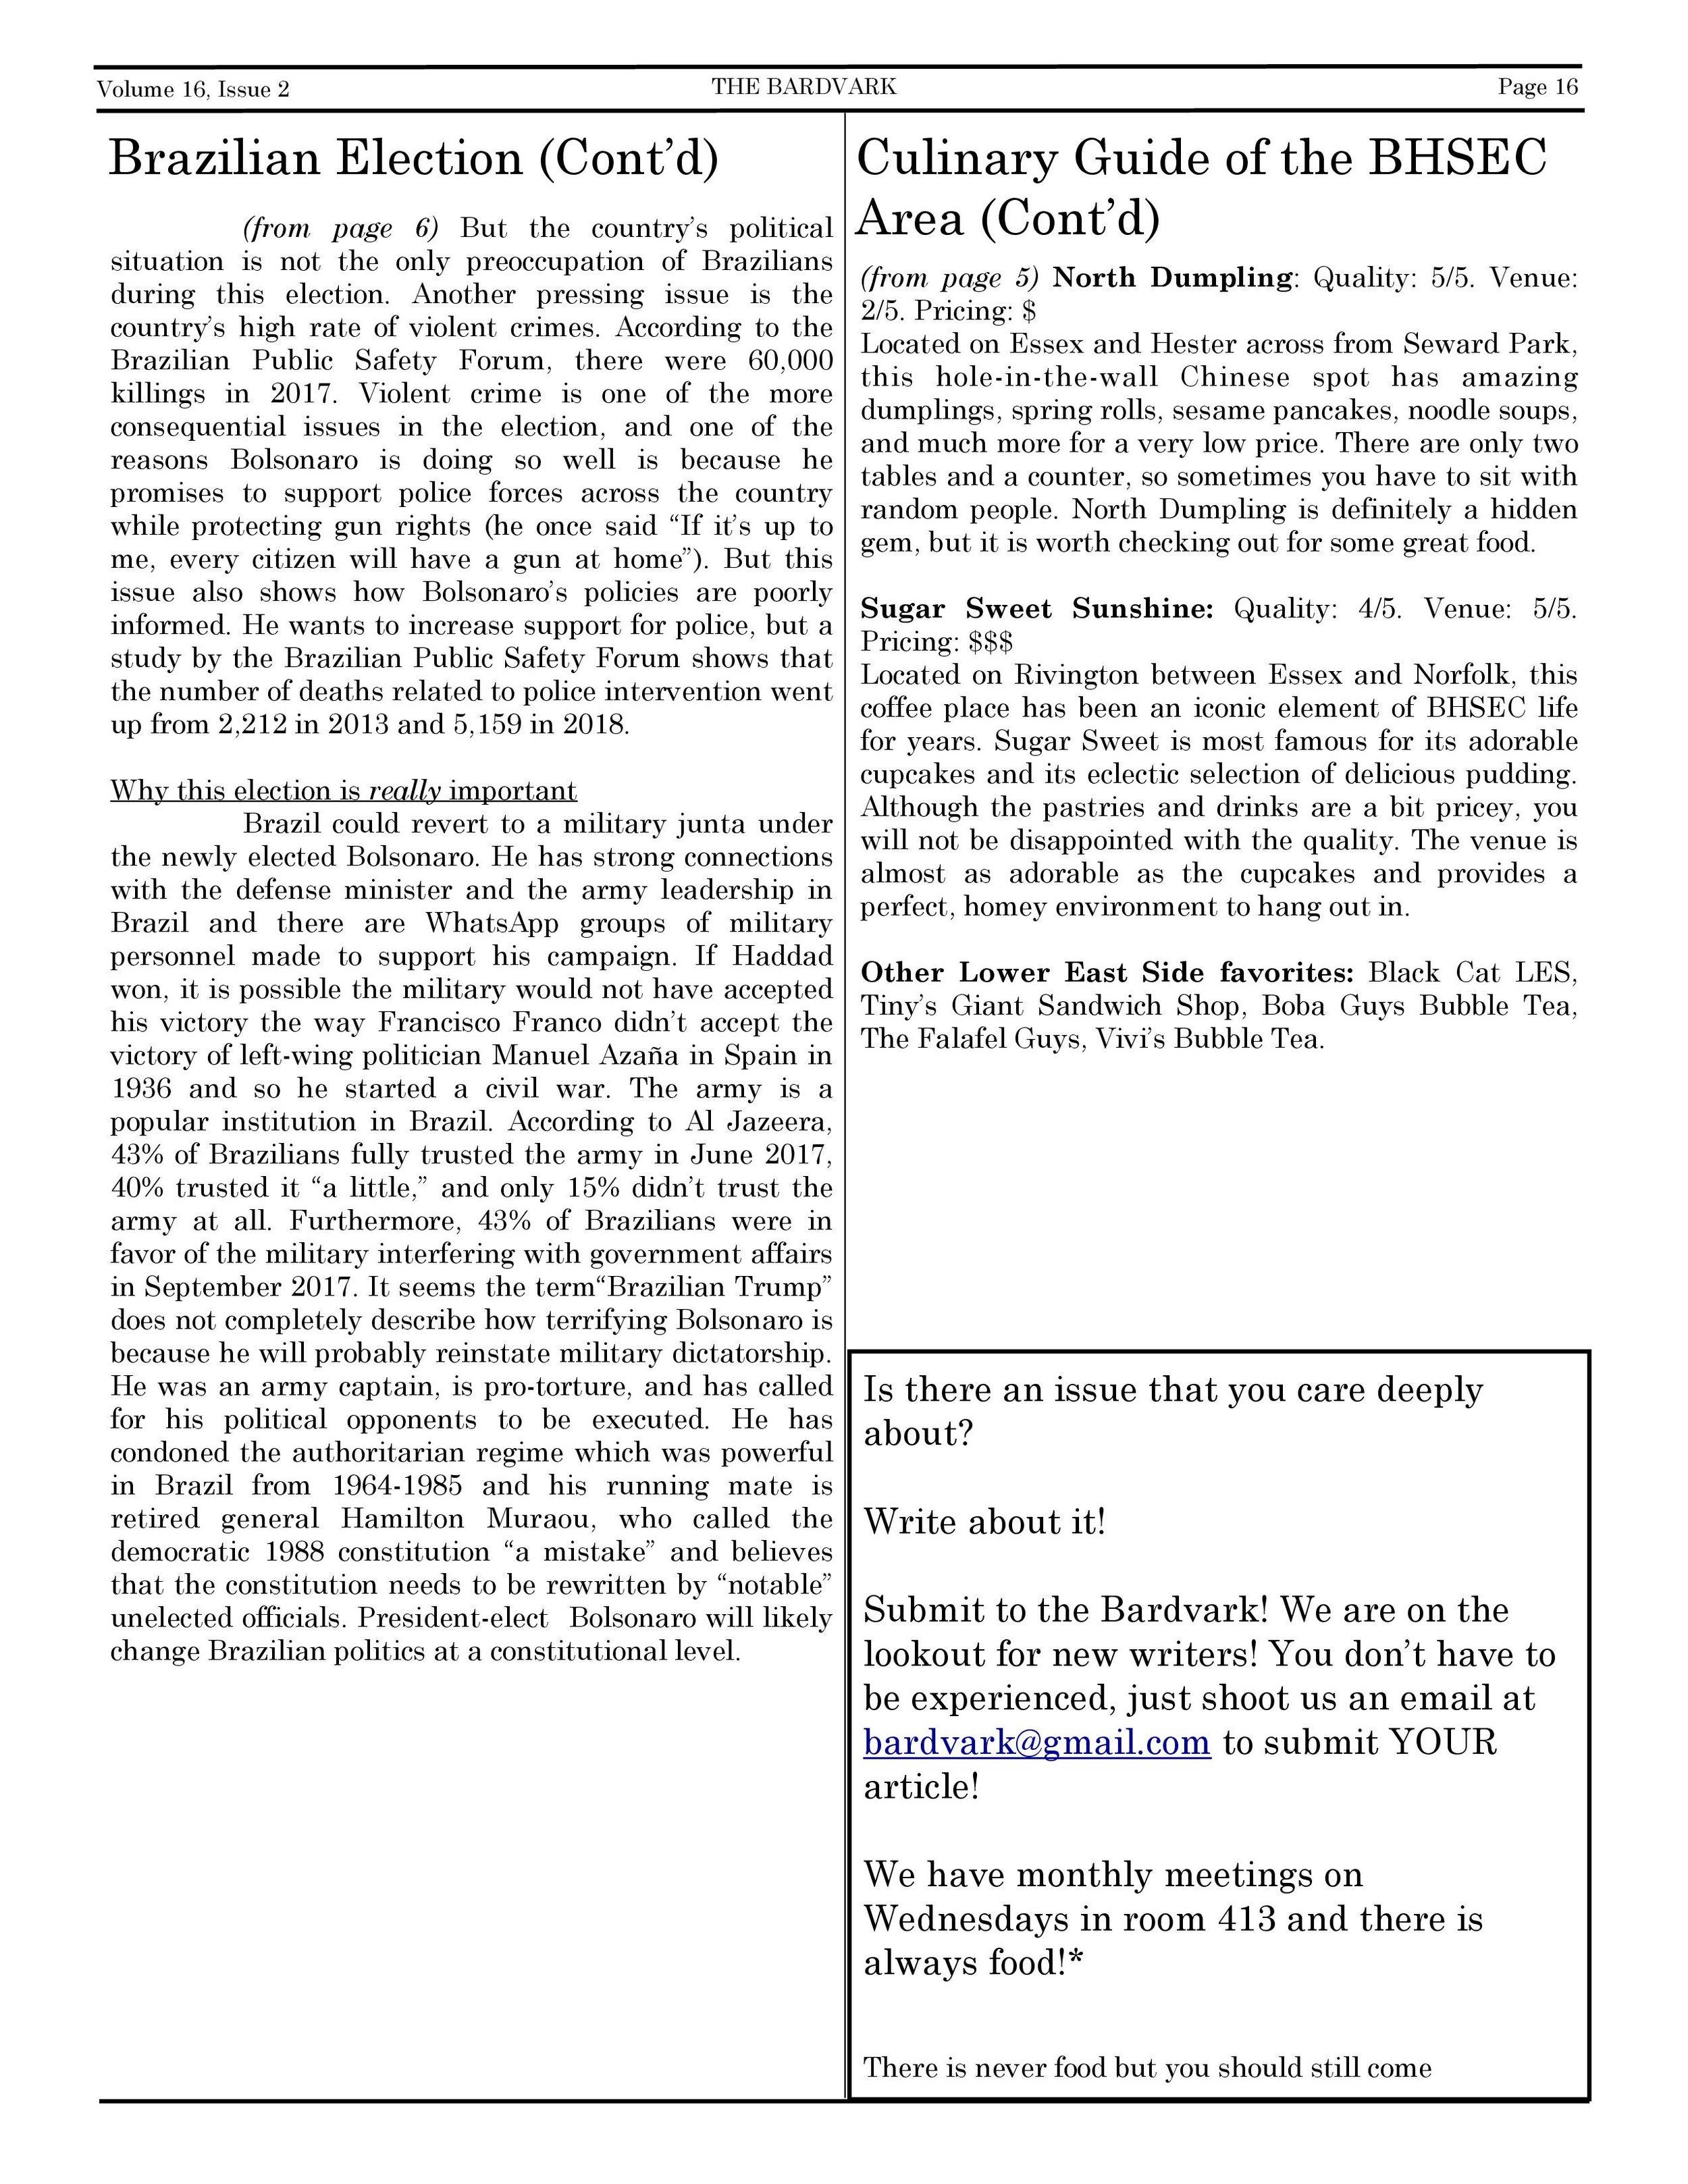 Issue 2 October 2018-16.jpg